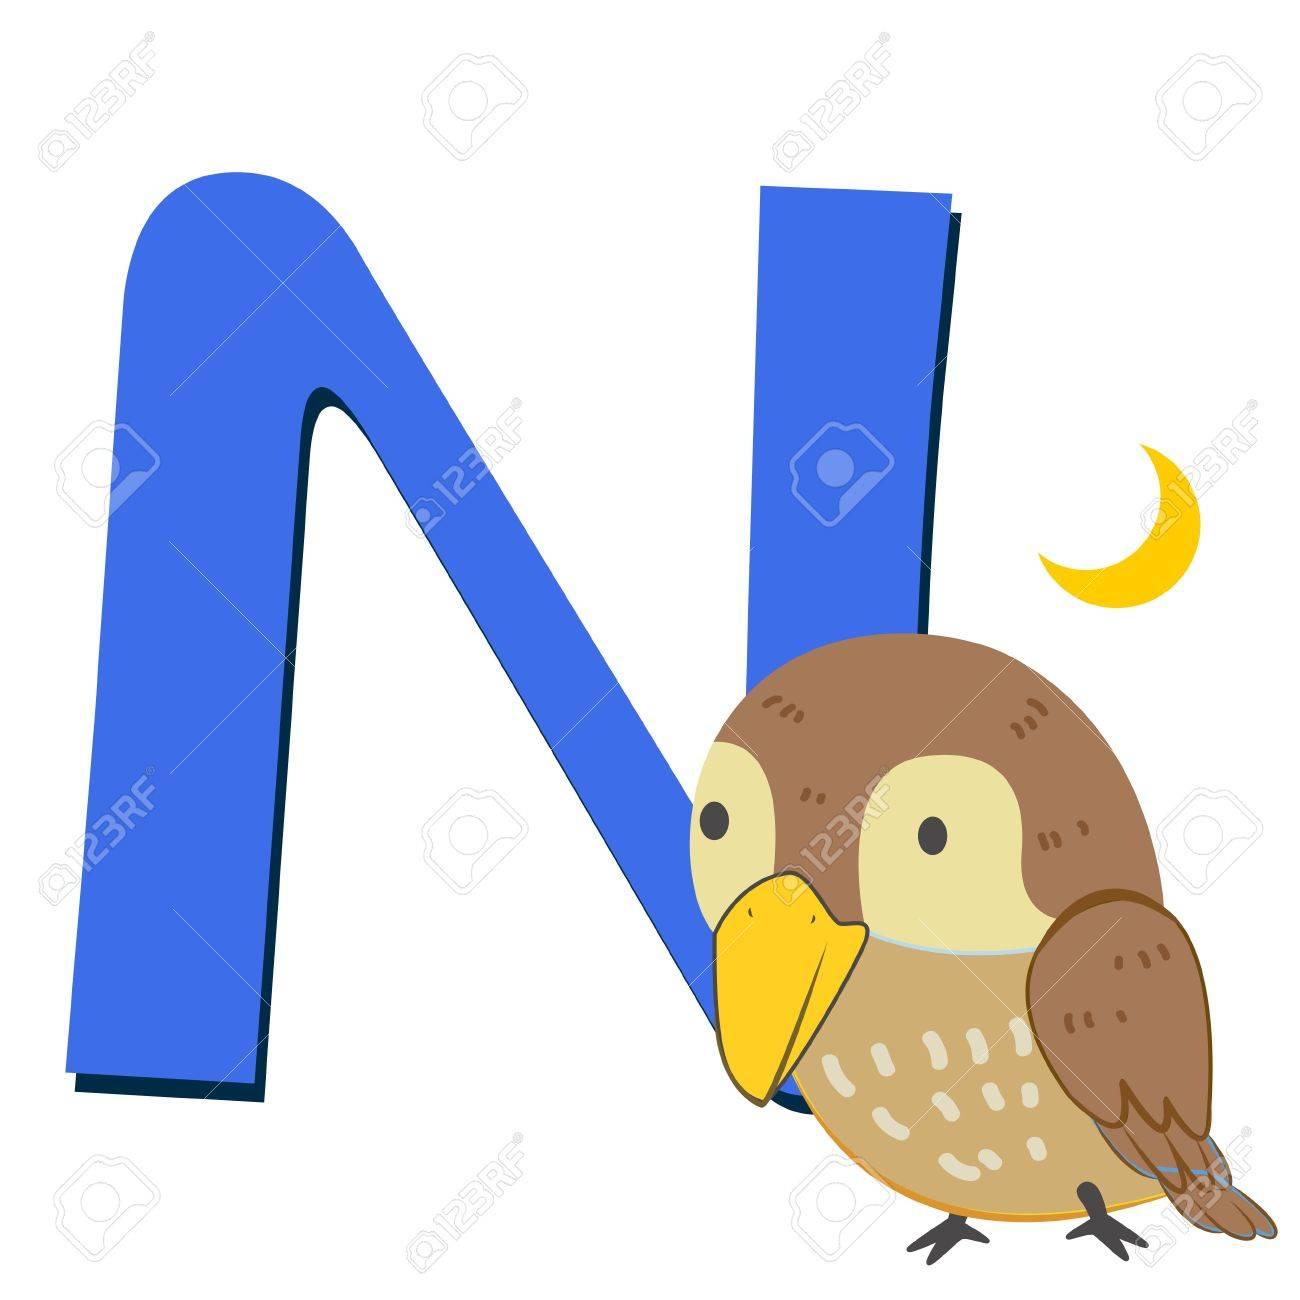 Image of: Funny Cartoon Illustration Of Isolated Animal Alphabet With Nightingale On White Stock Vector 16174524 123rfcom Illustration Of Isolated Animal Alphabet With Nightingale On